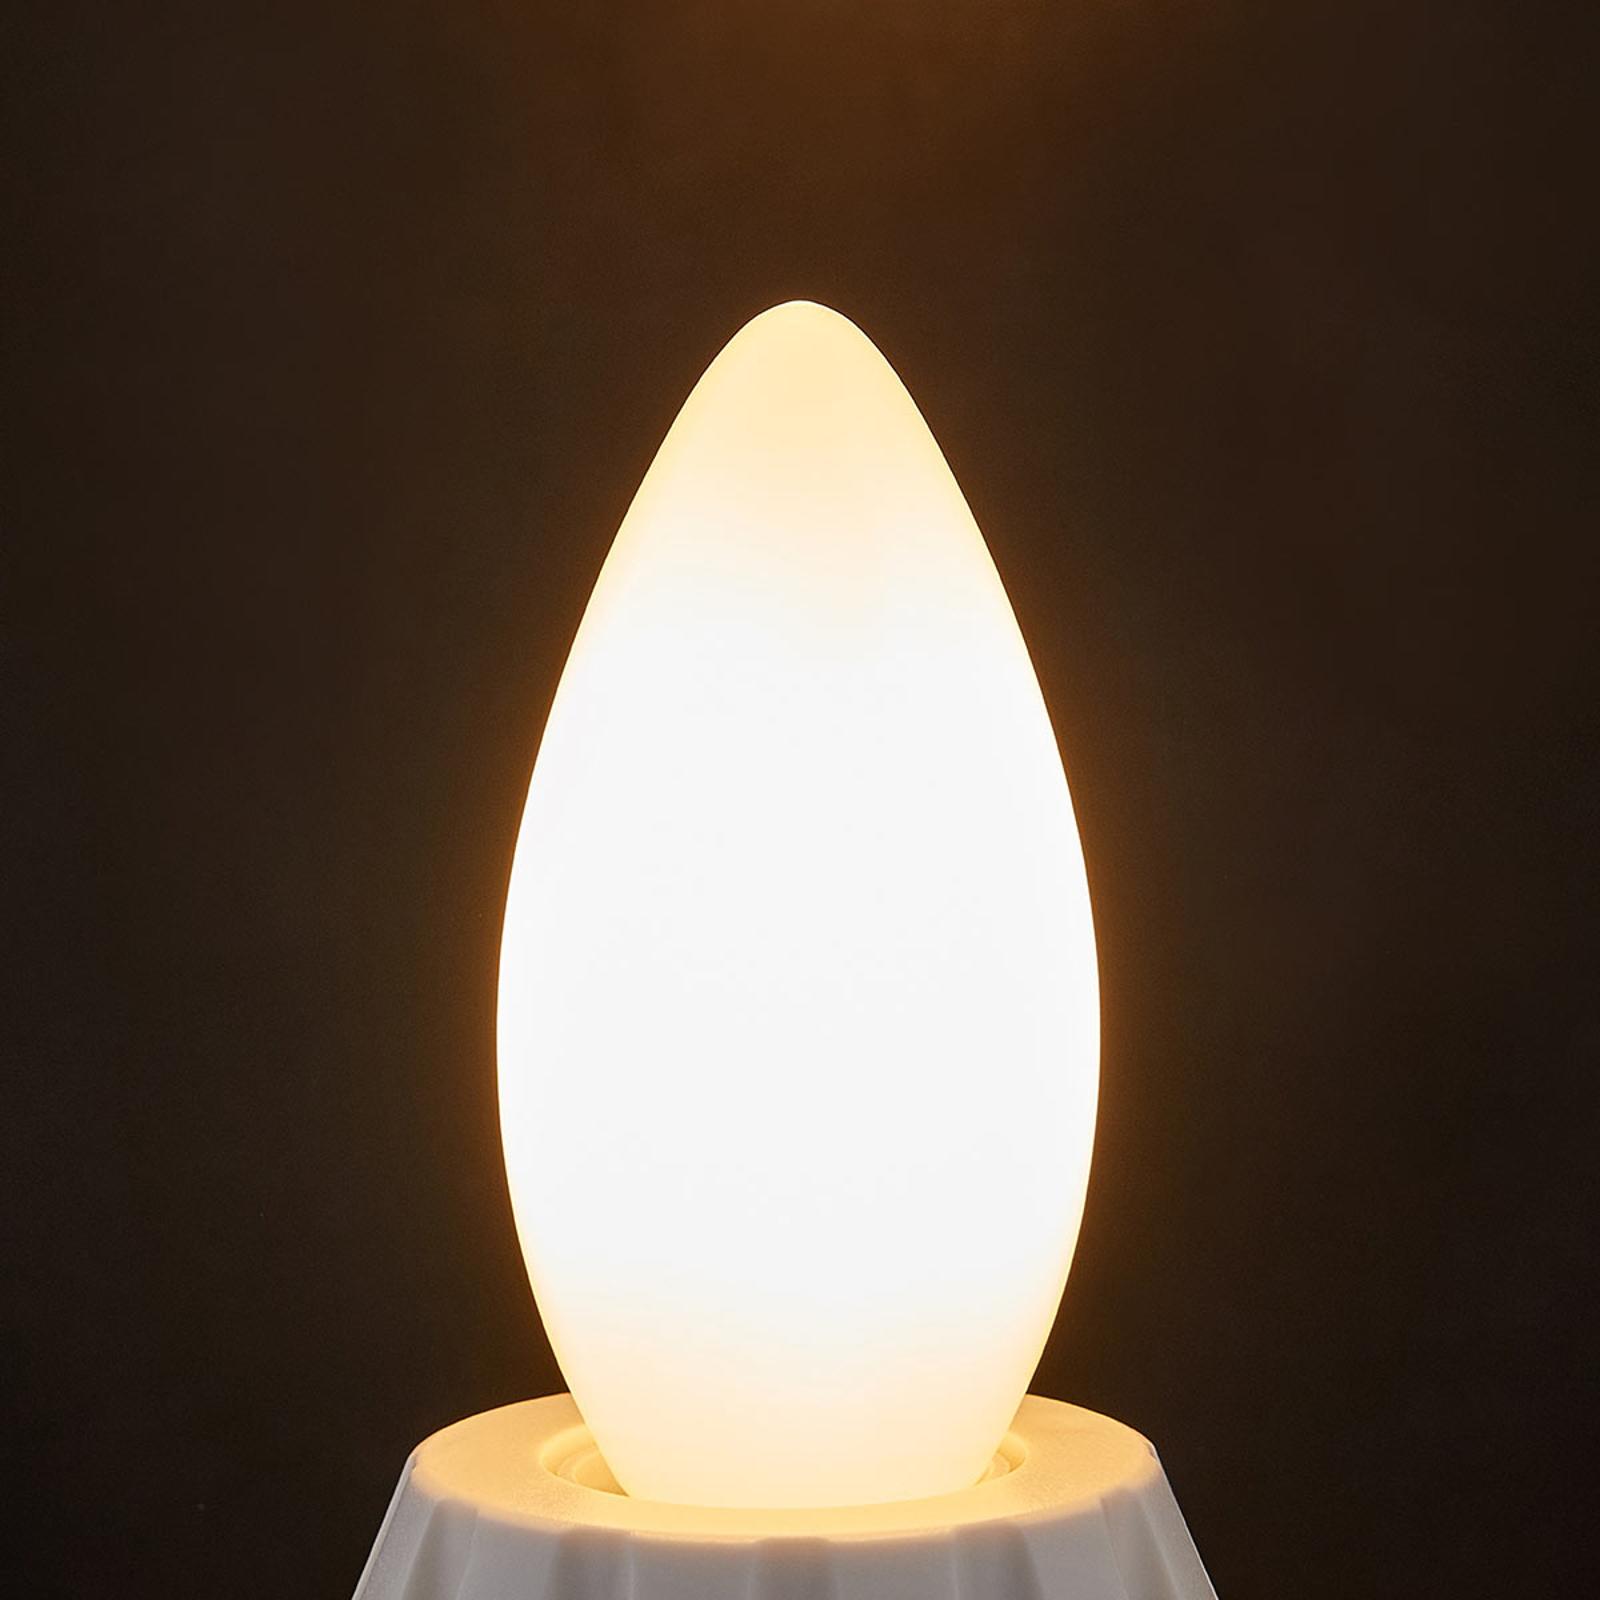 Ampoule flamme LED E14 4W, 400lm, 2700K, opale